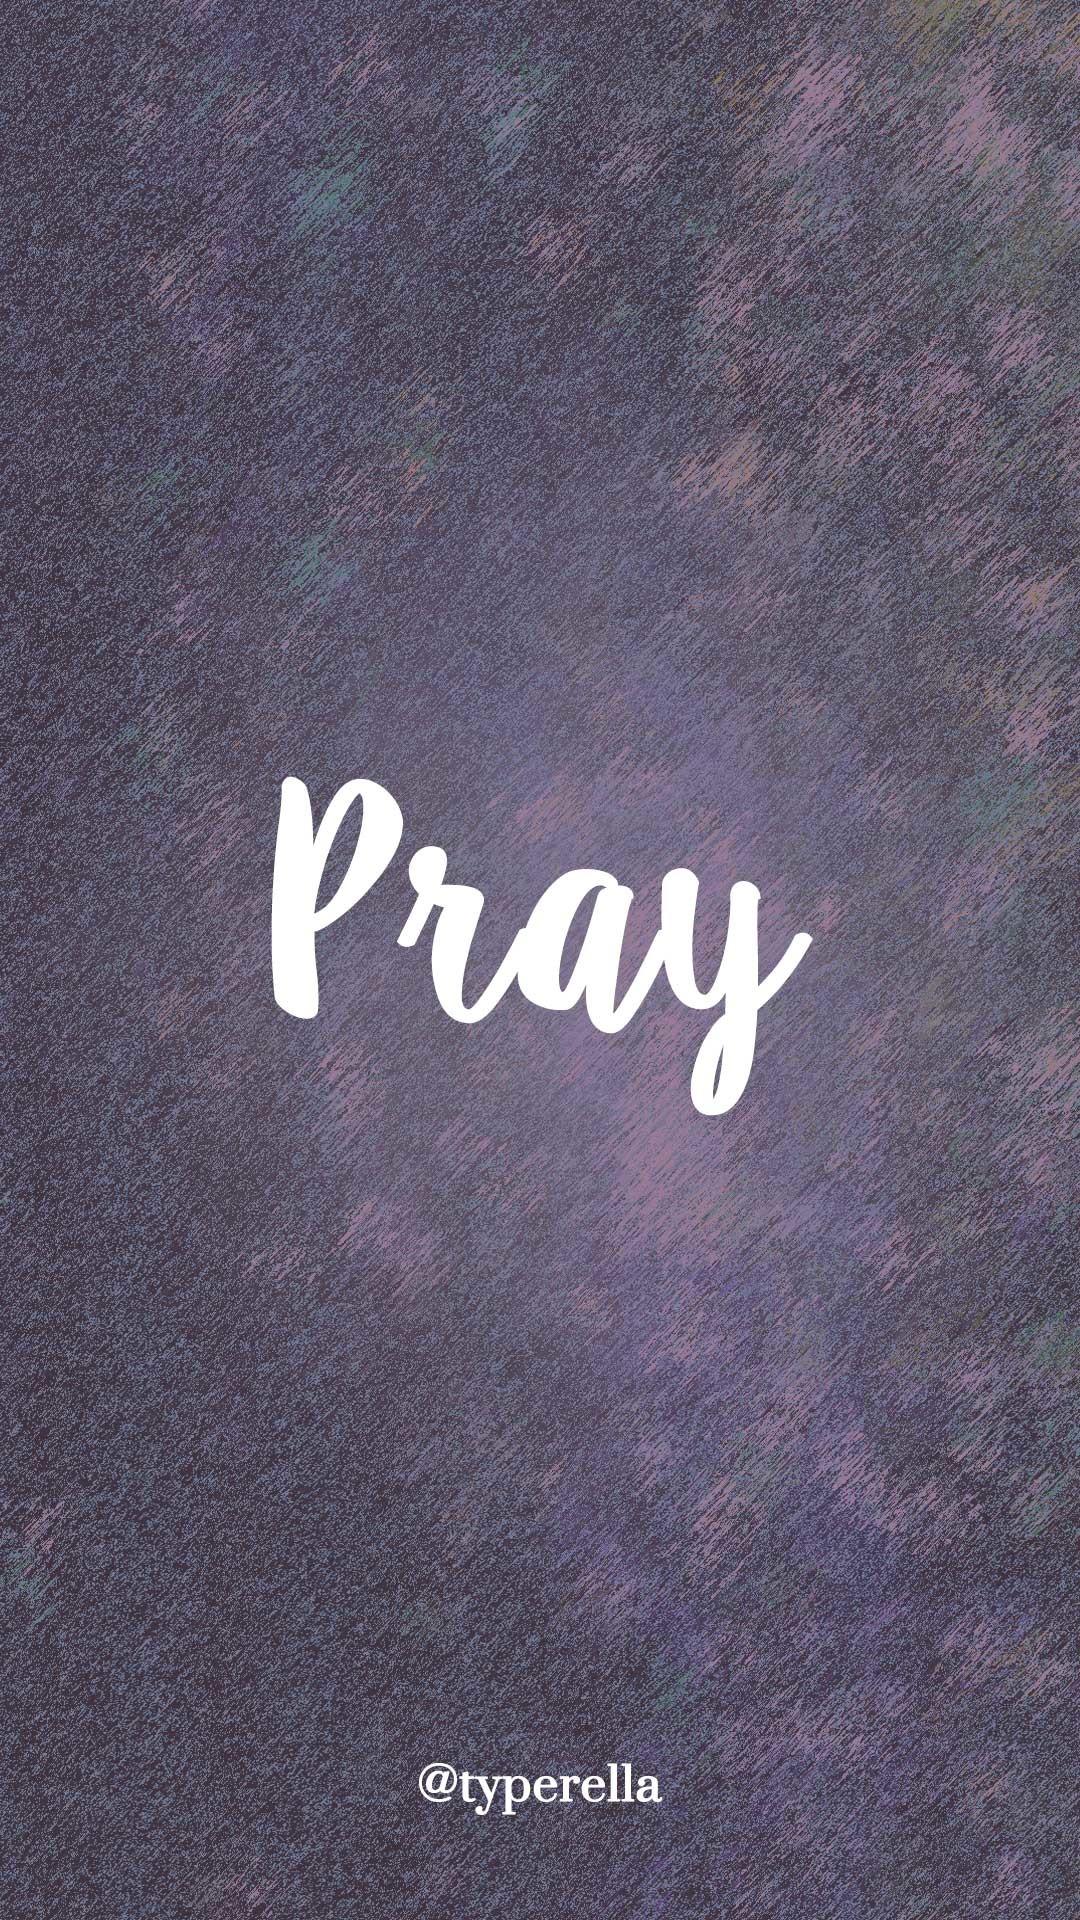 https://typerella.net/free-phone-wallpapers #pray #